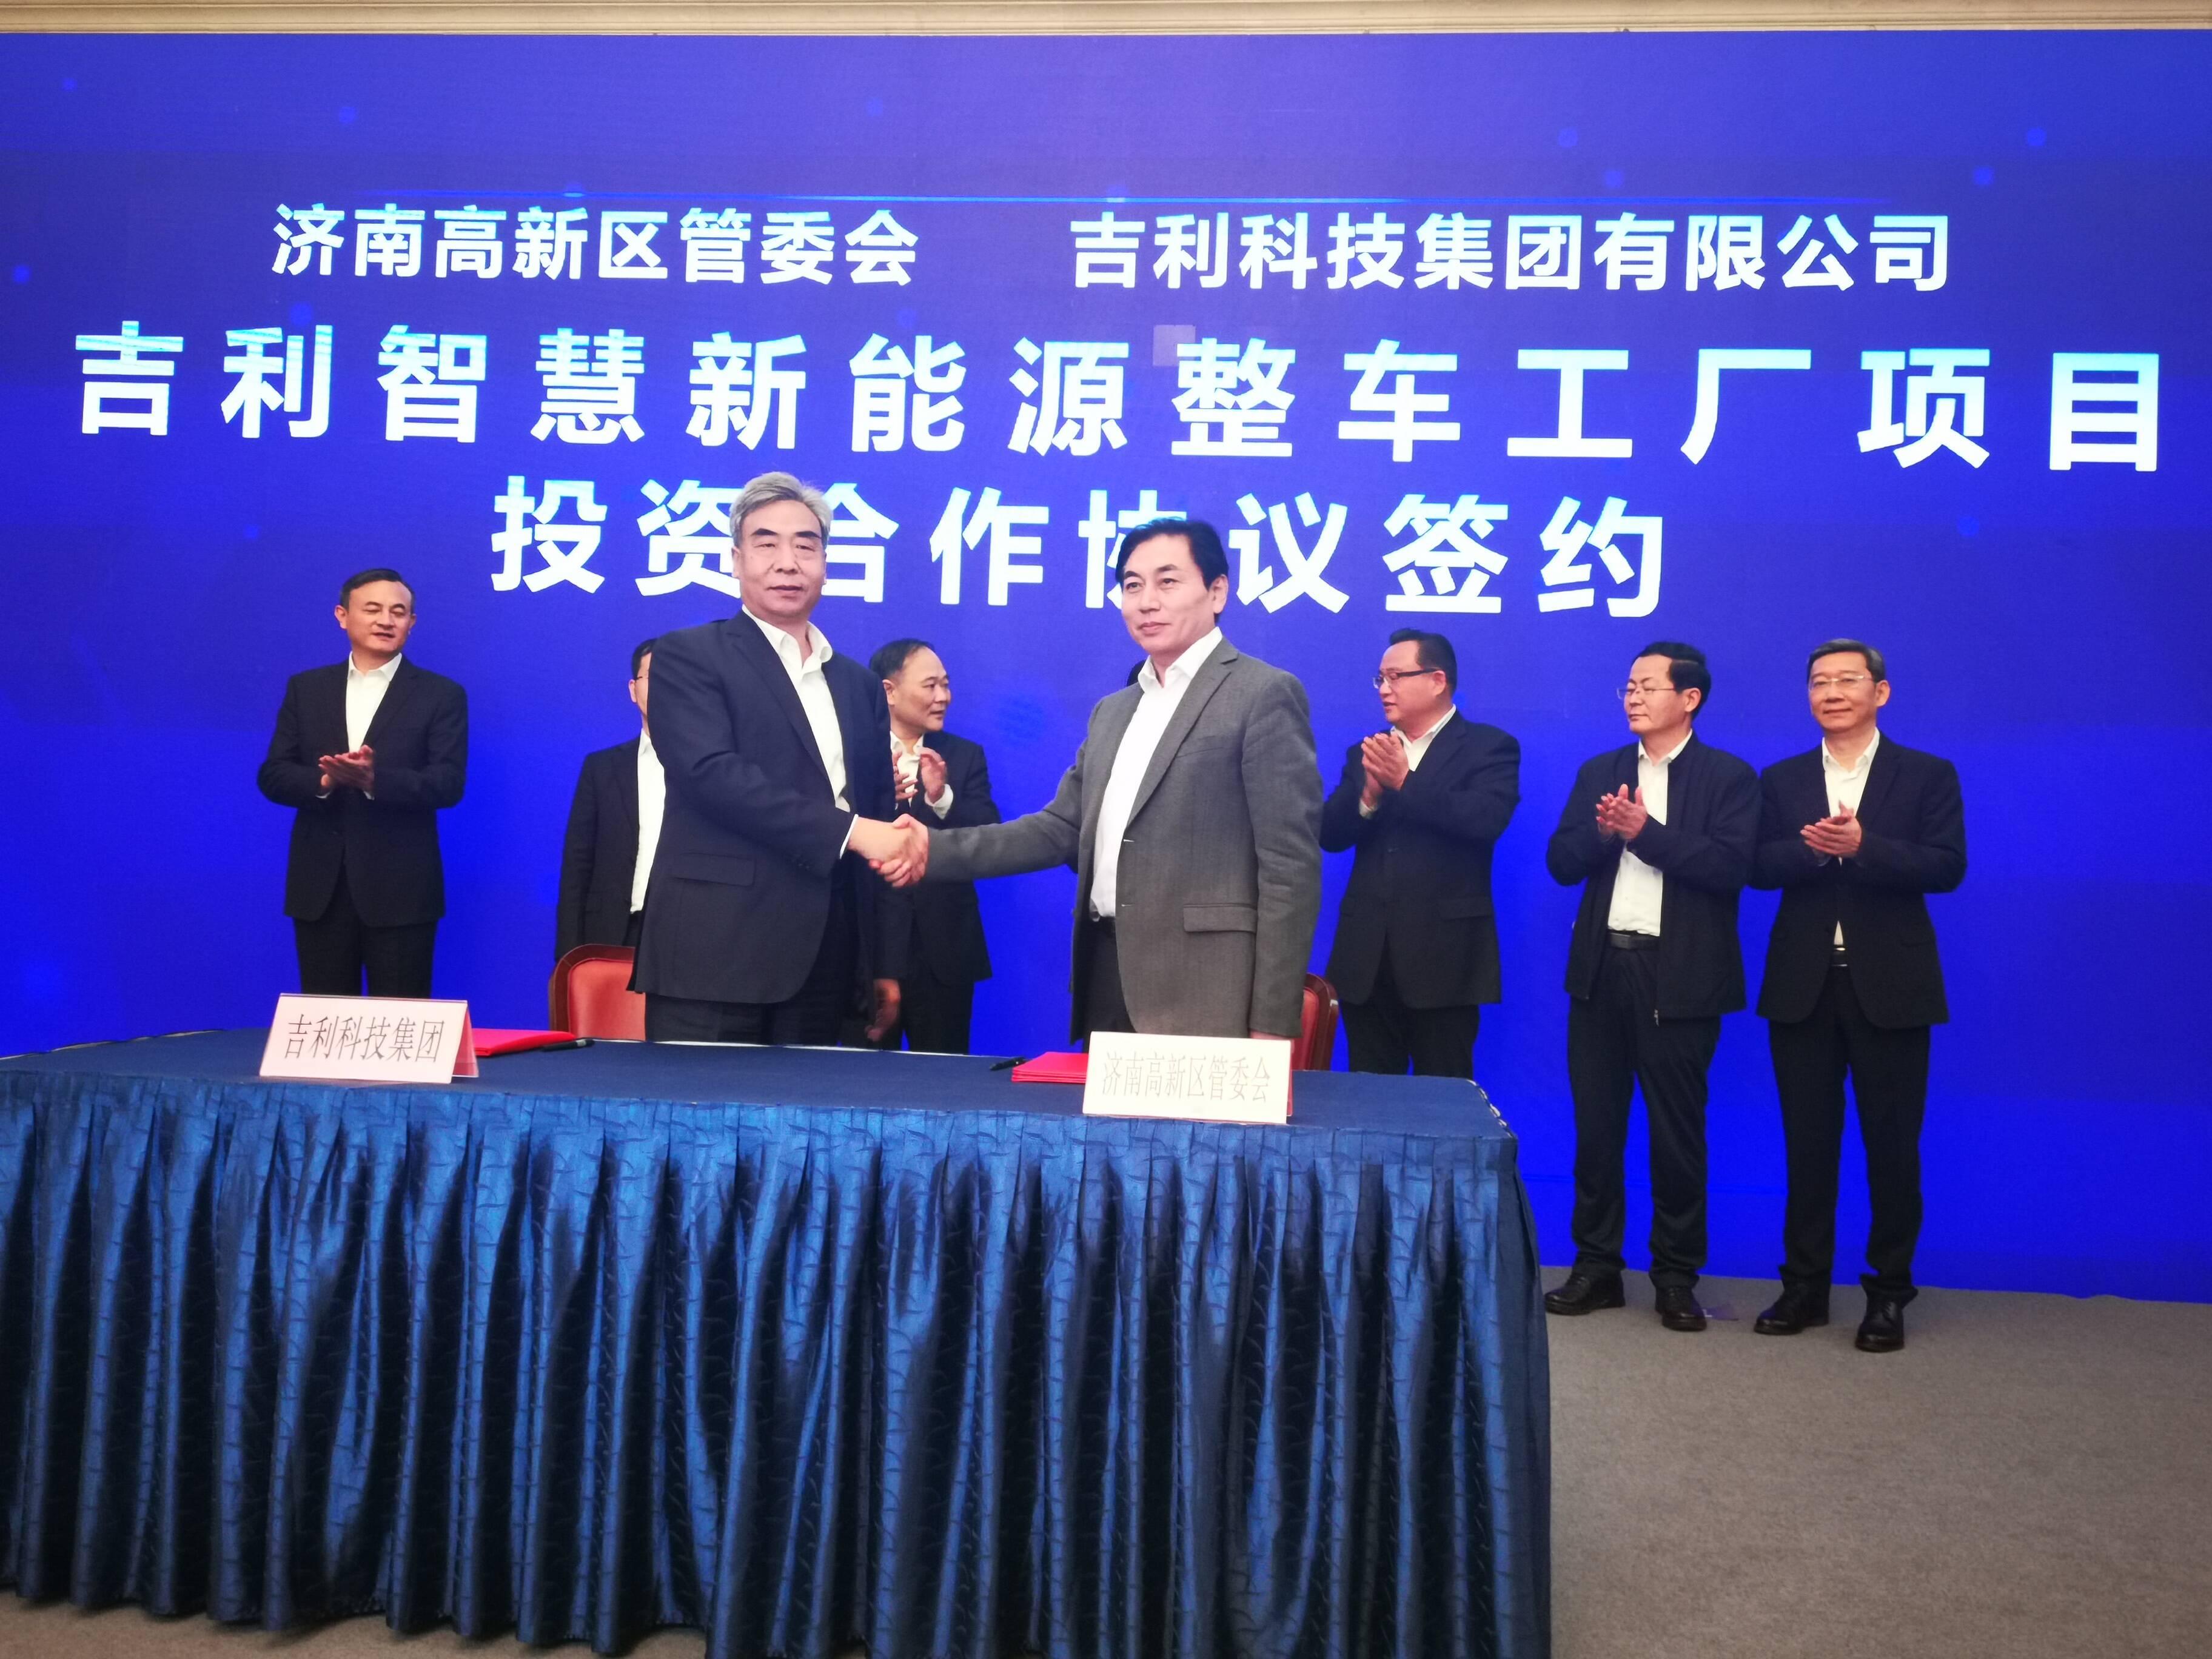 29秒 | 济南市与吉利科技集团签署战略合作 智能换电站落地济南